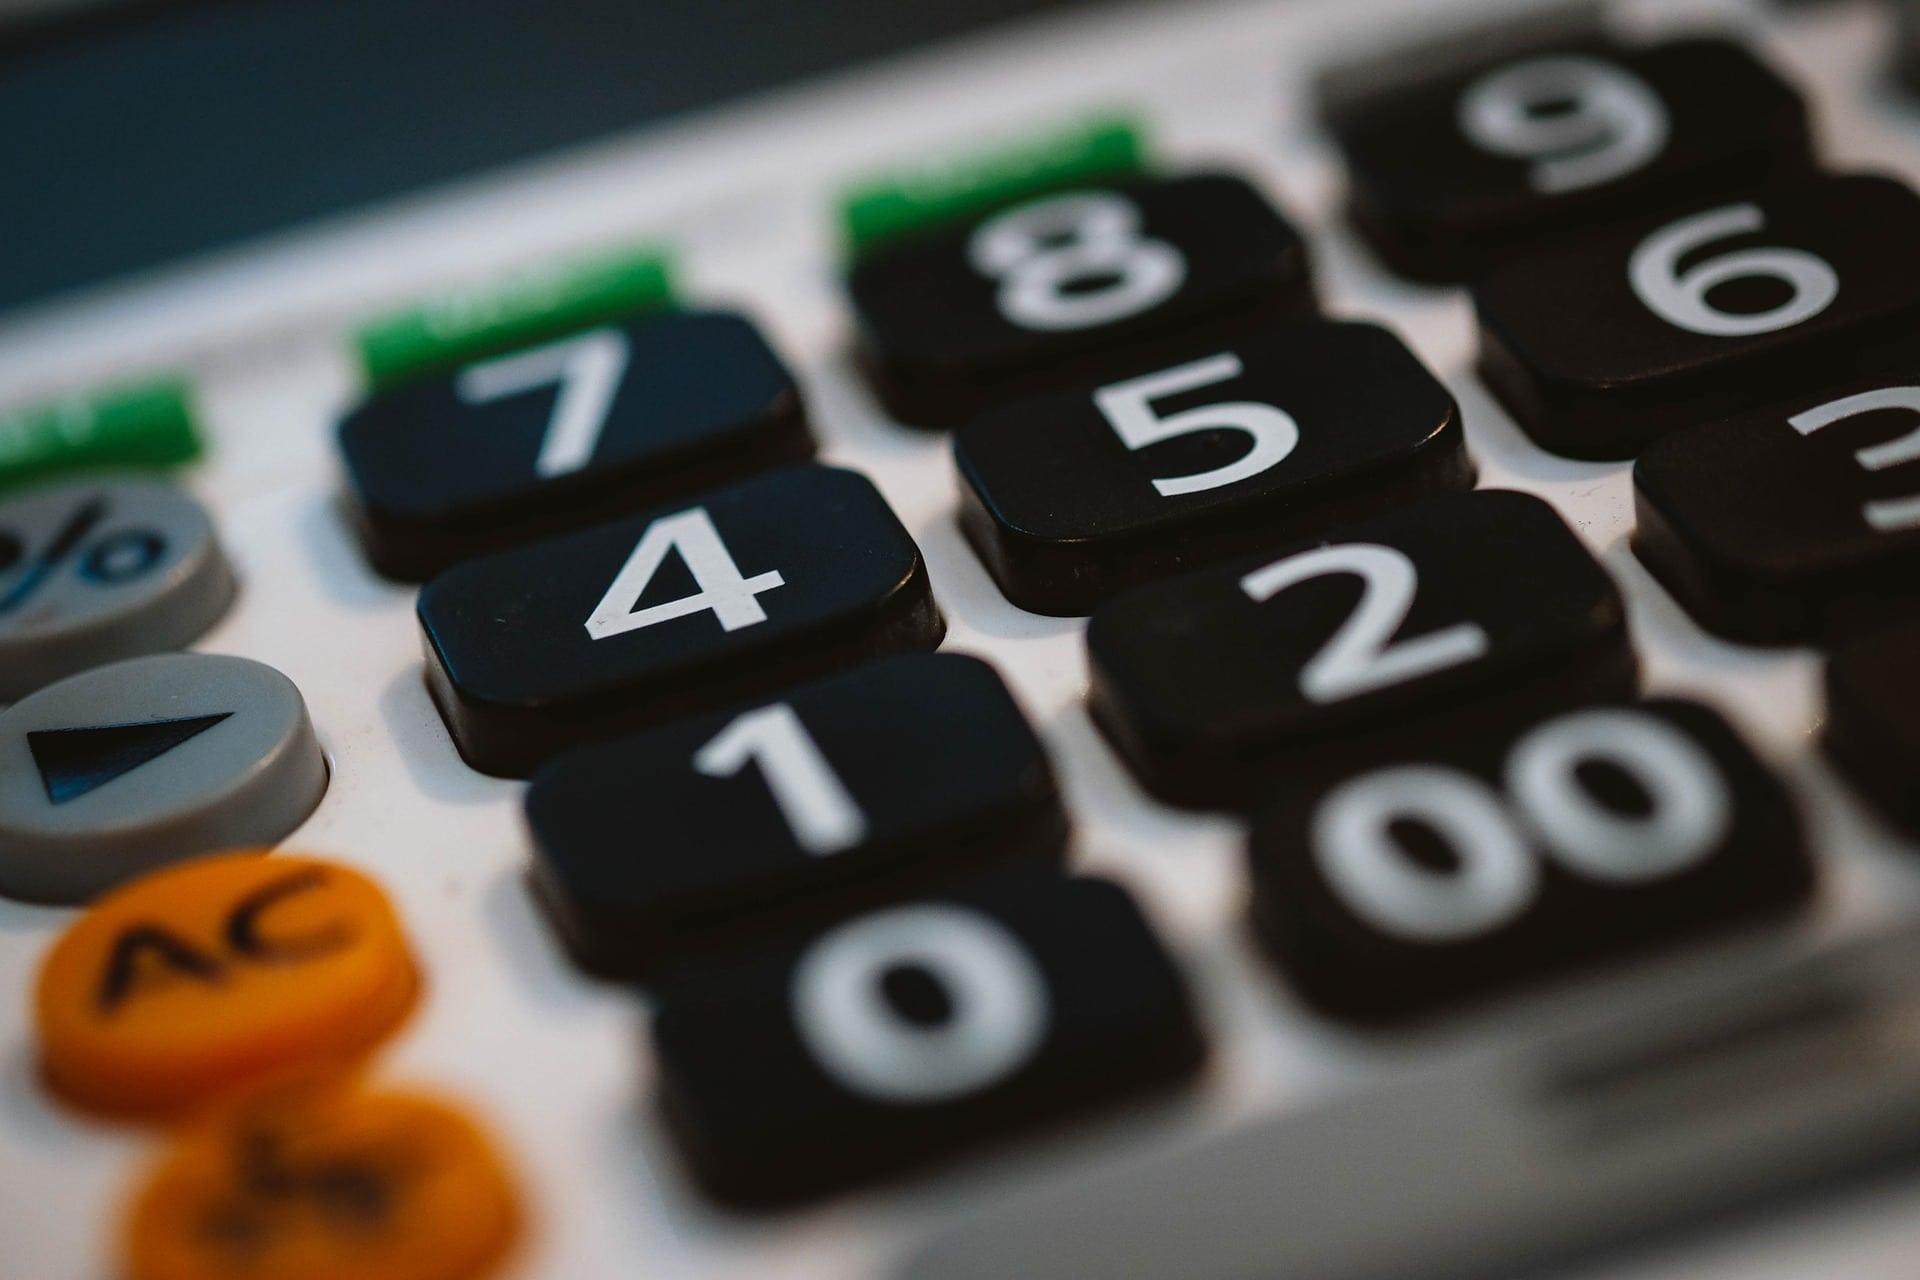 Jahresüberschuss: Definition, Berechnung & Beispiele